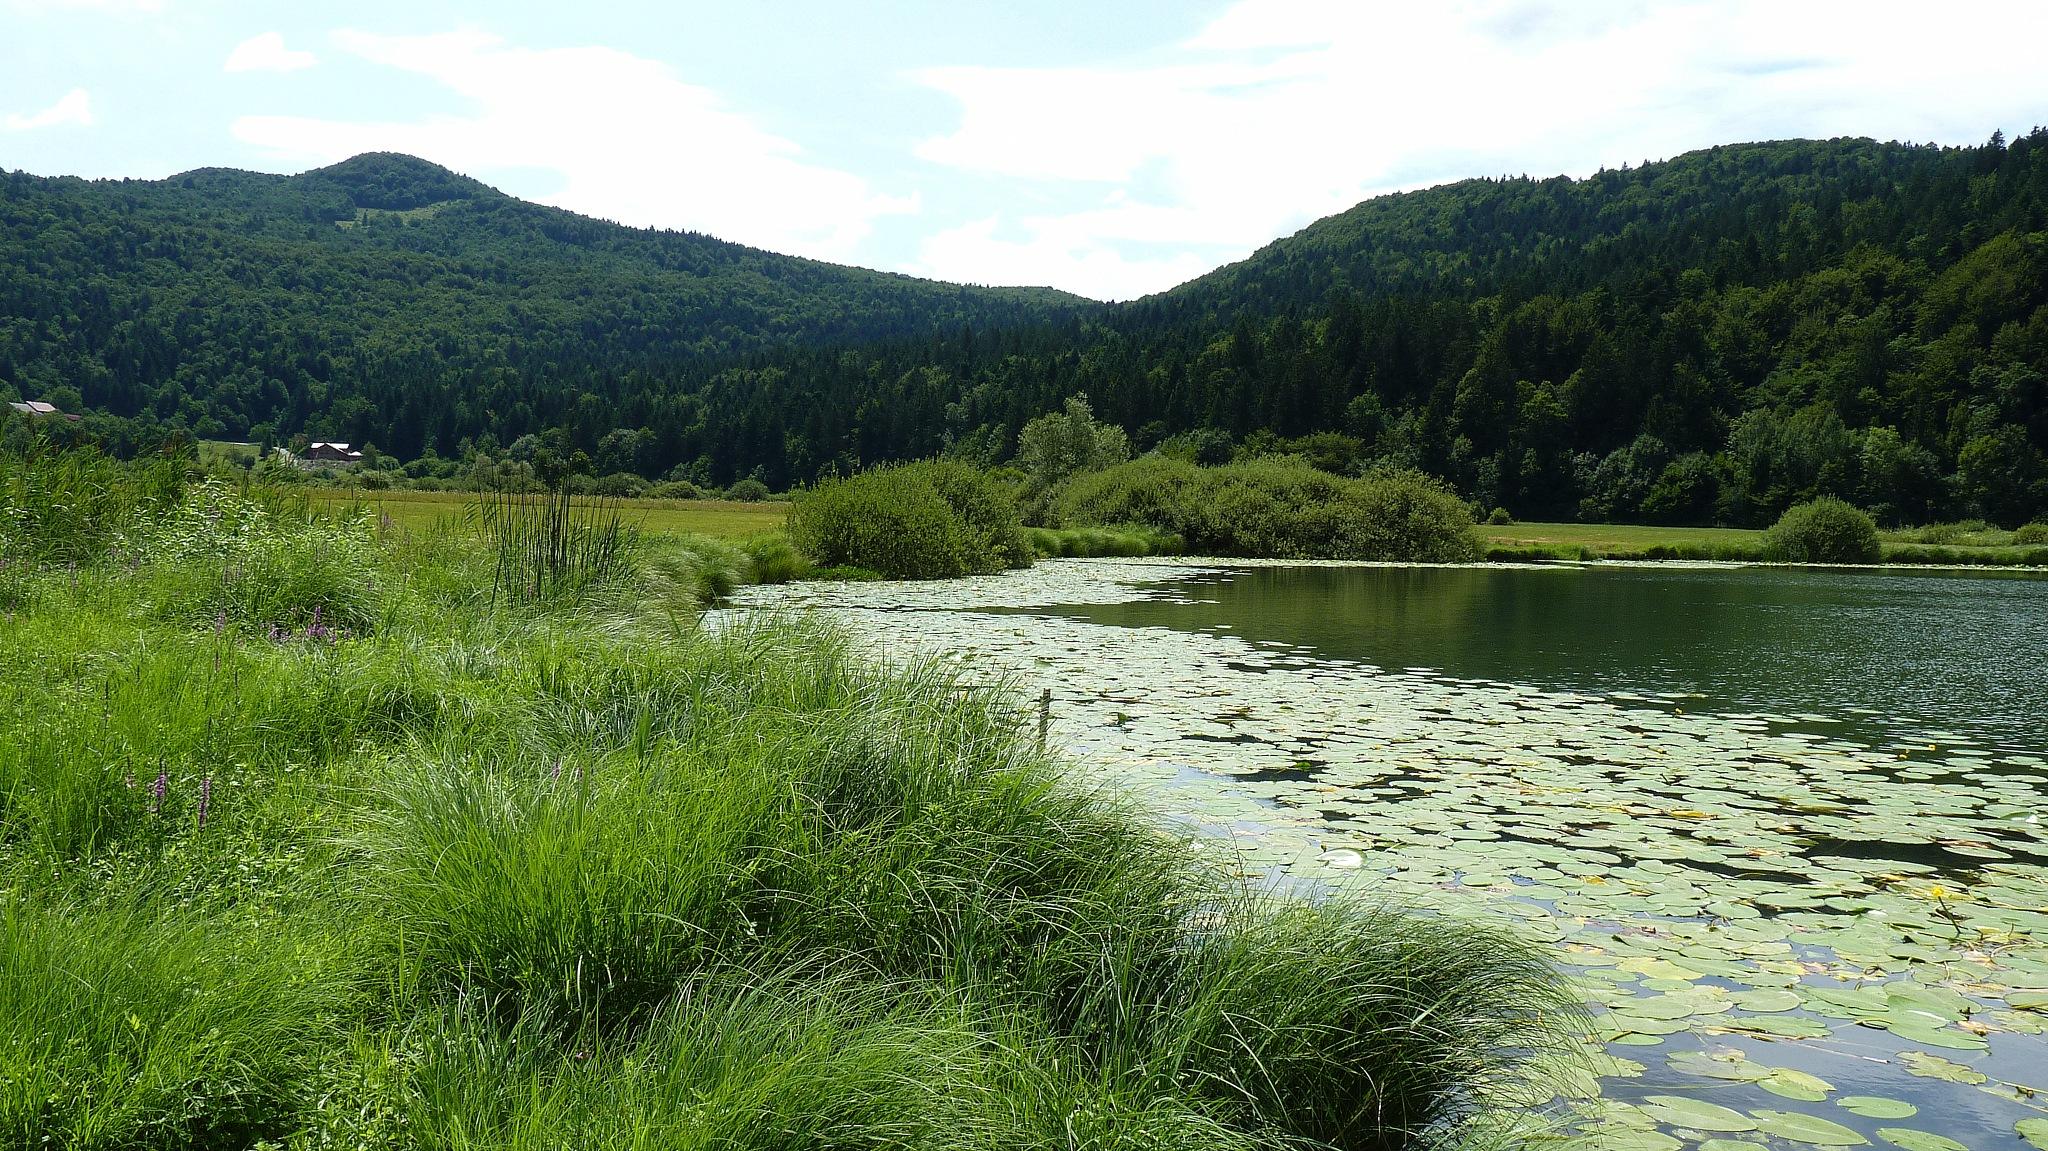 Podpesko jezero by zvnktomasevic